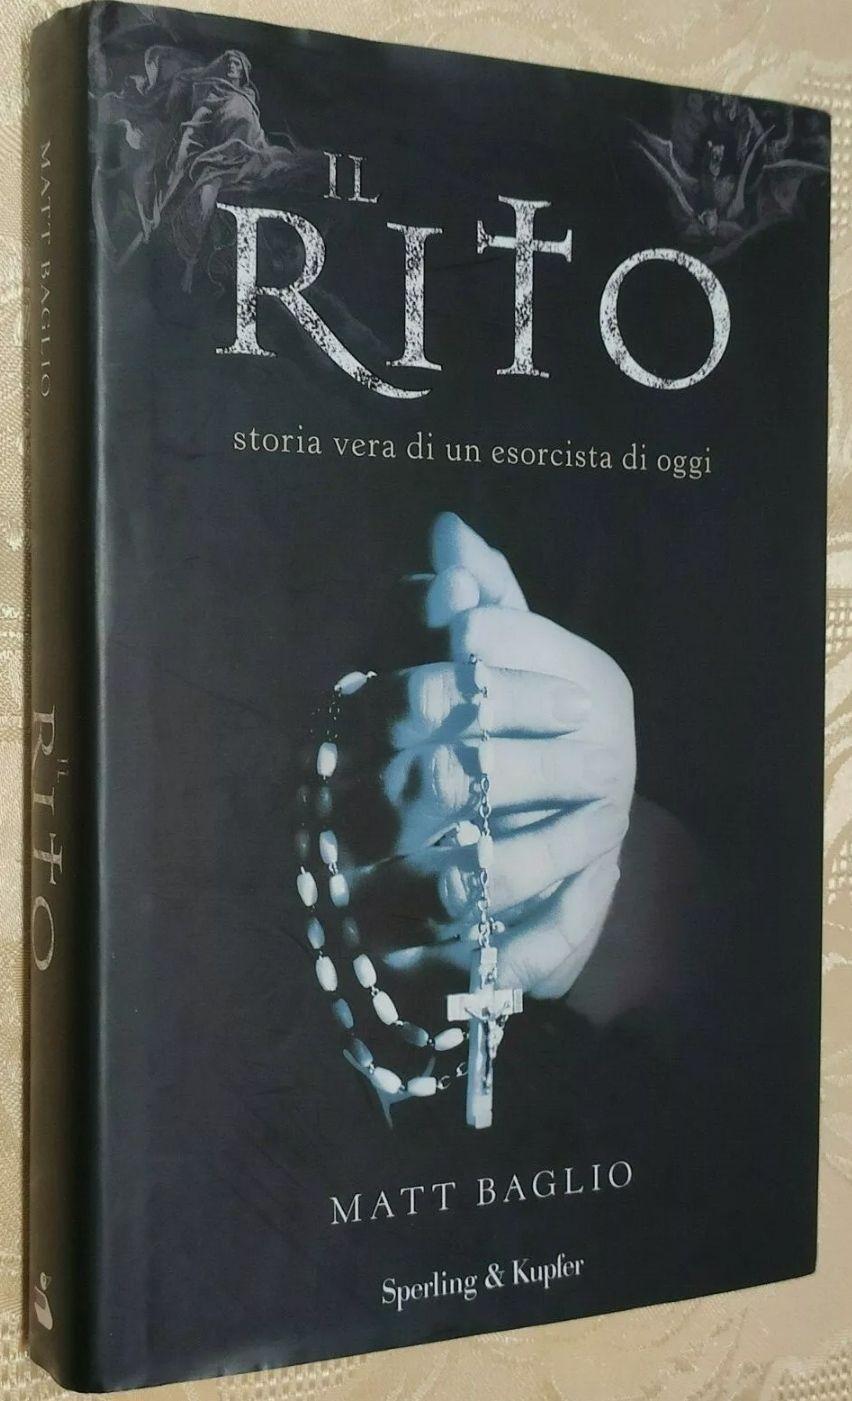 Il Rito, di Matt Baglio (Sperling & Kupfer, 2009) Prima Edizione Libro Esorcismo – ricercatissimo, scomparso